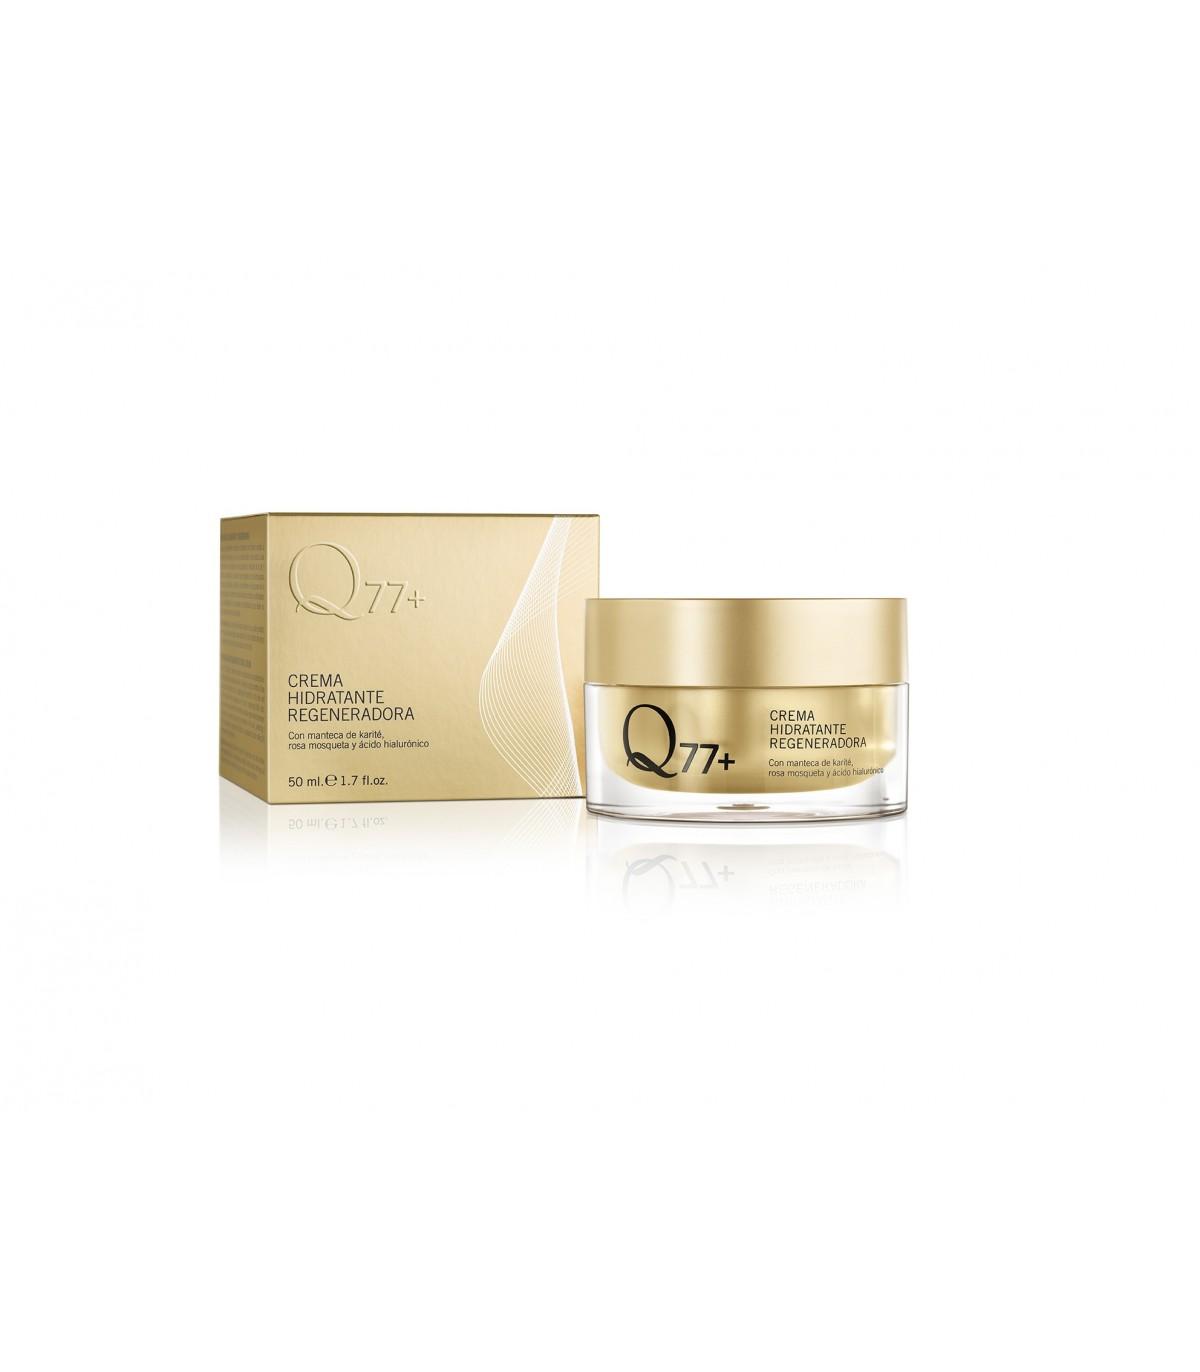 Crema hidratante Q77plus